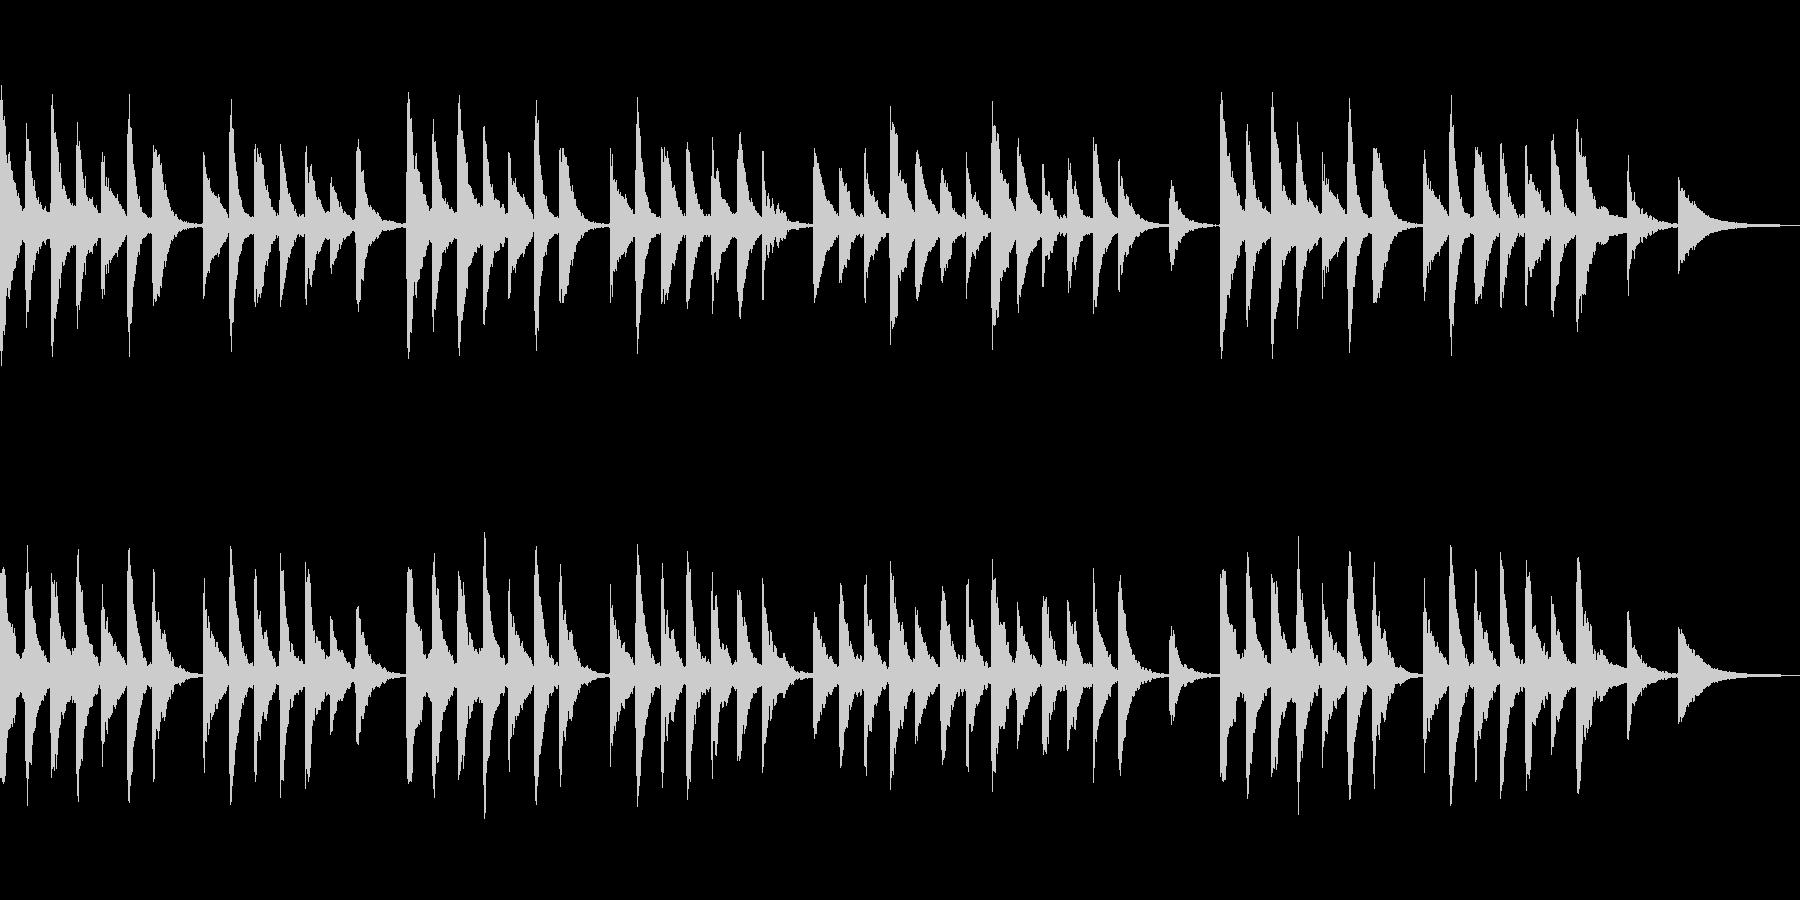 滅び 物語の終末の後 ローファイピアノの未再生の波形